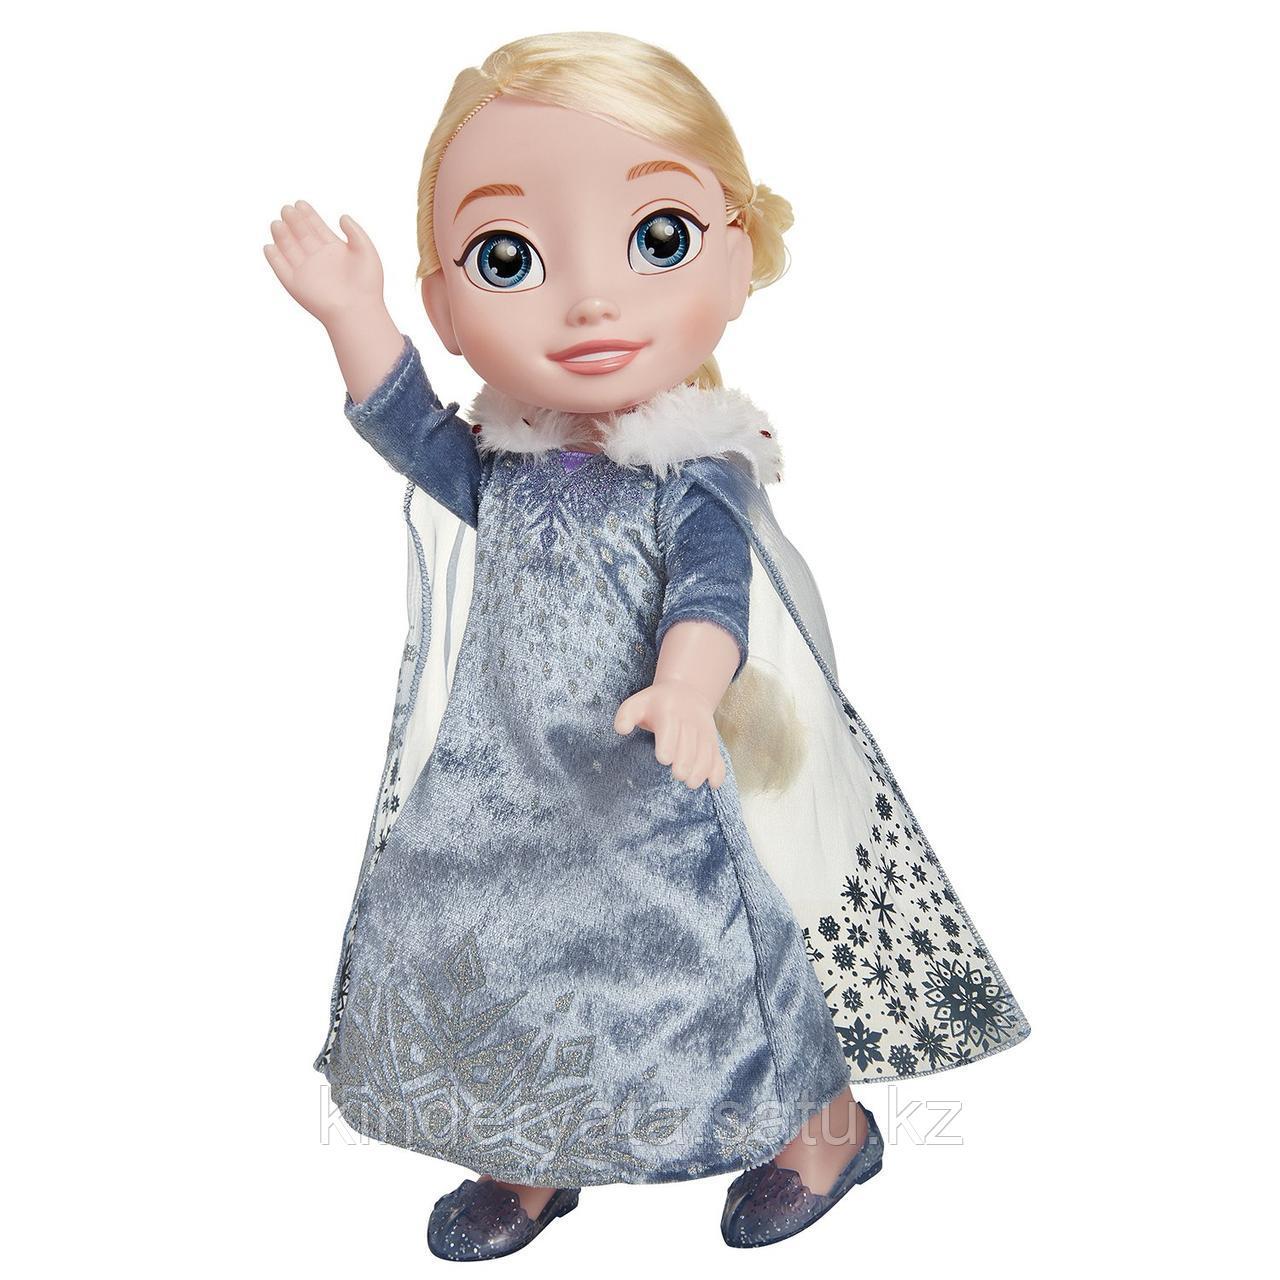 Кукла Disney Эльза Олаф и холодное приключение